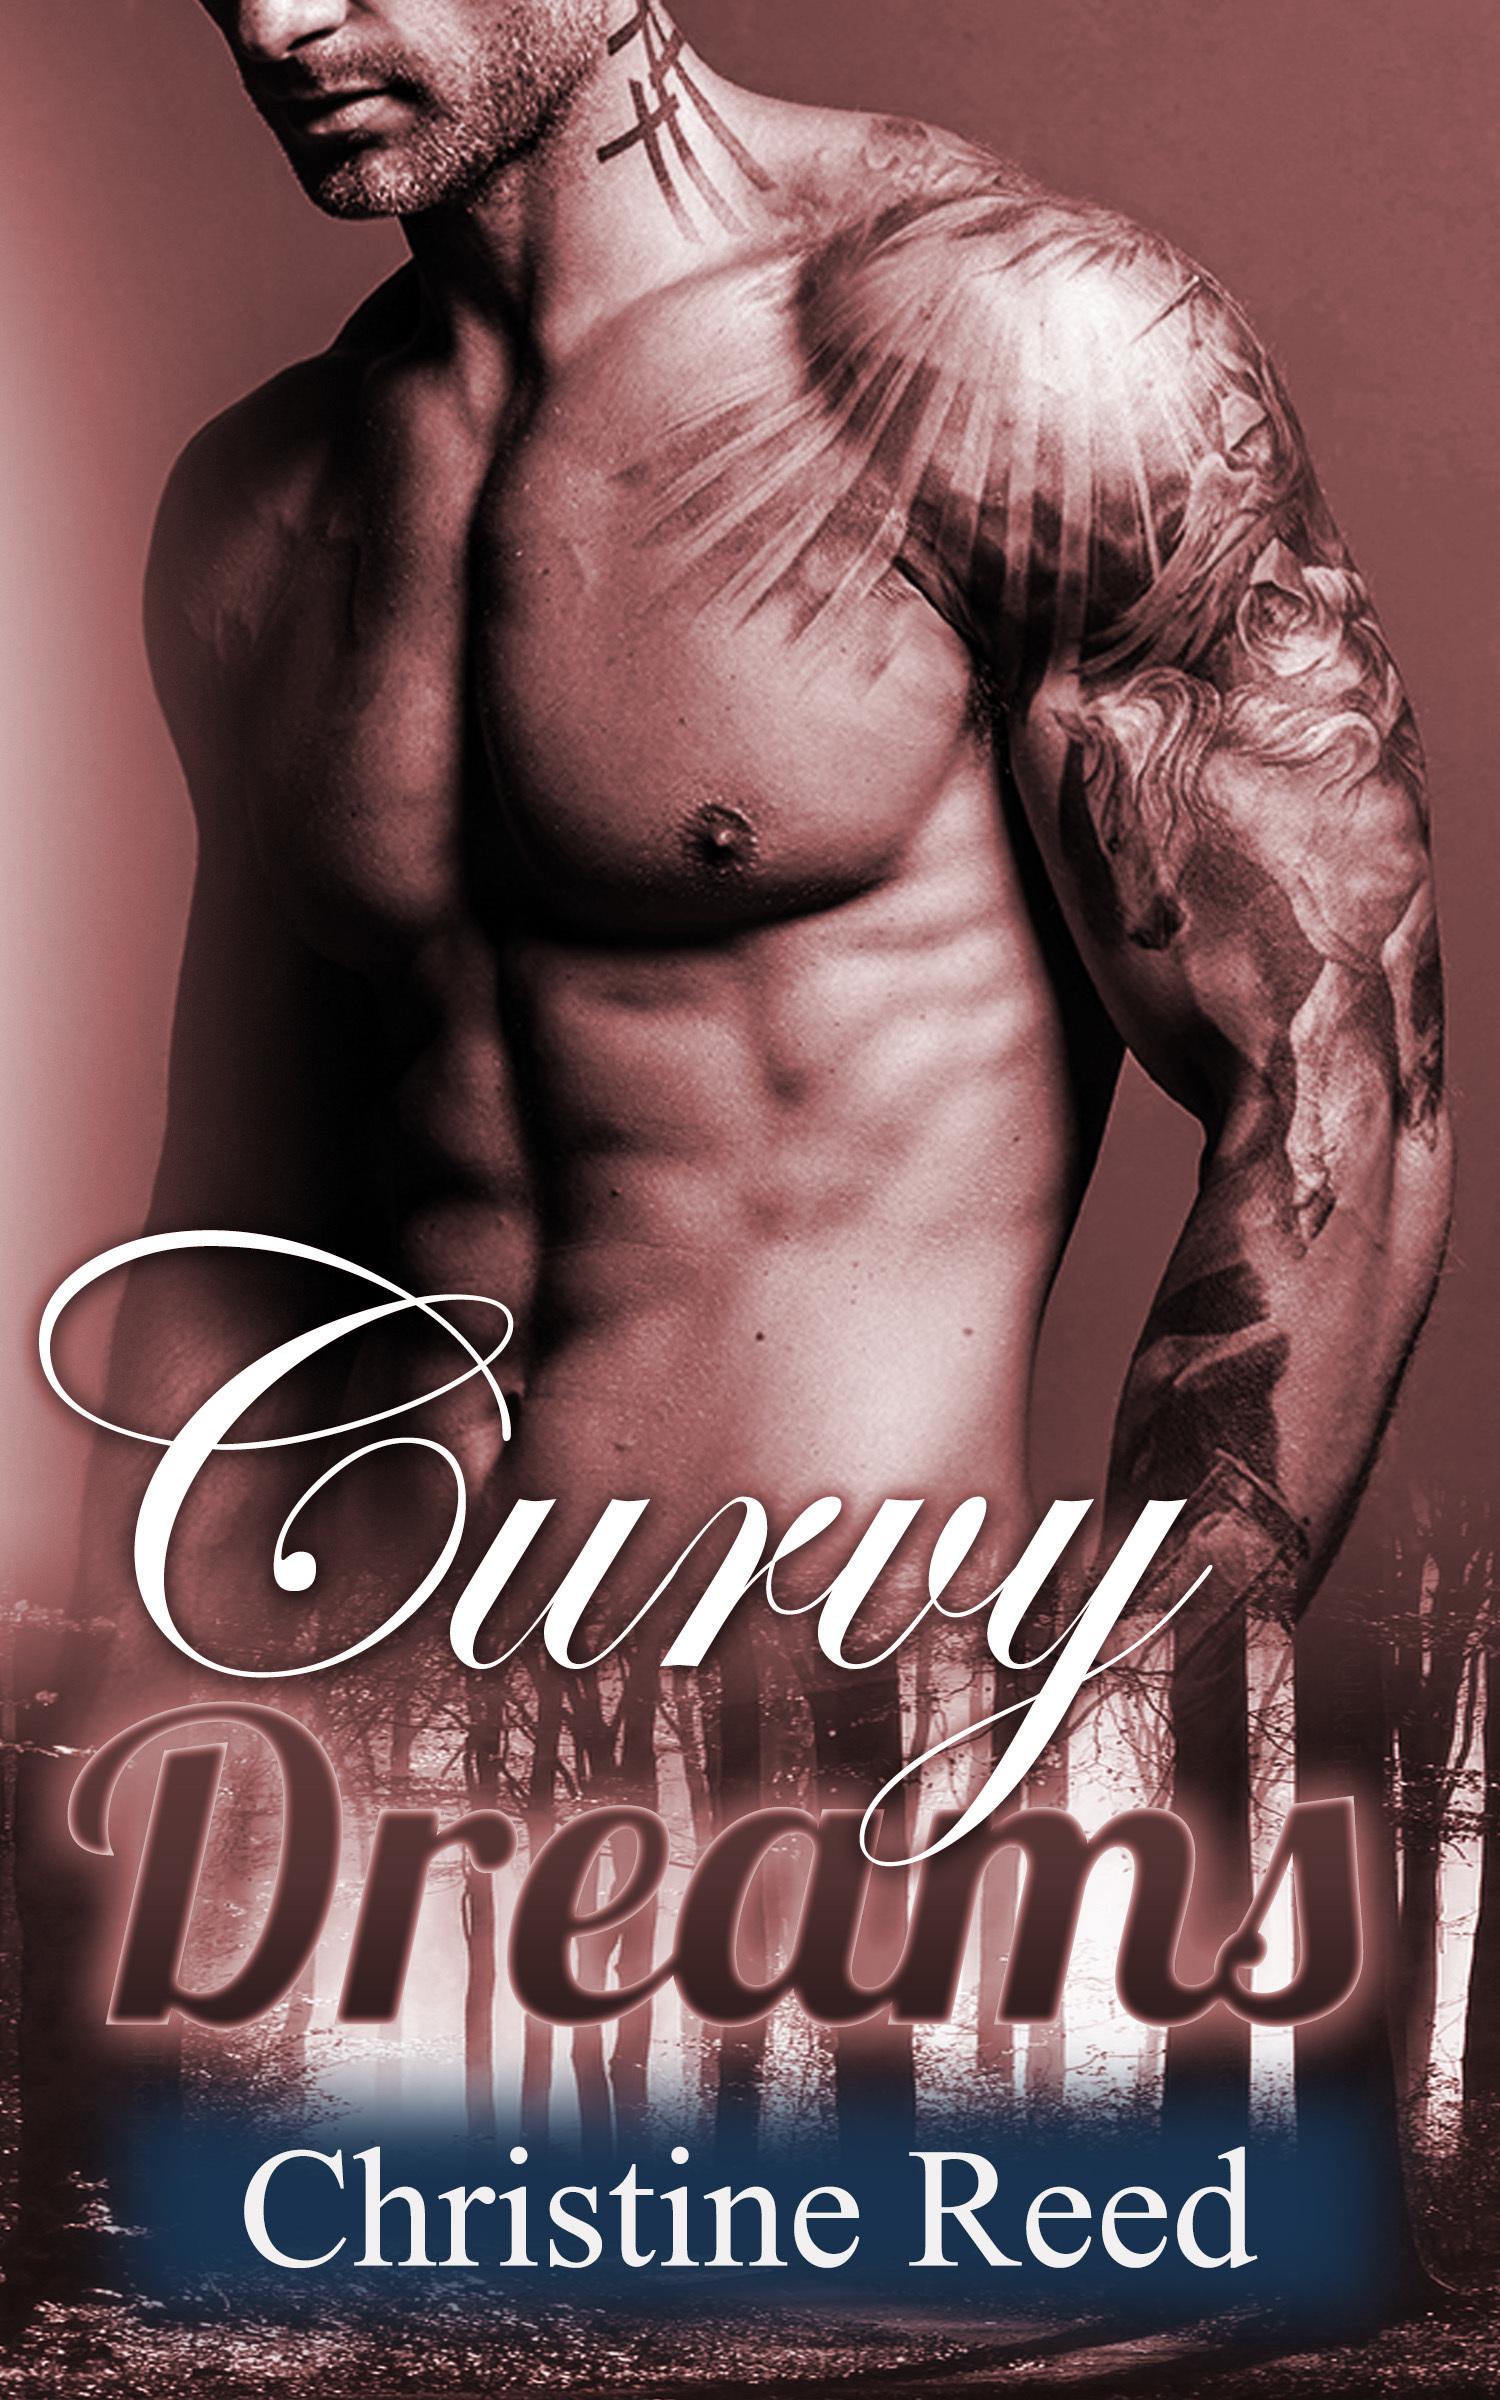 Curvy Dreams Jennifer Scocum